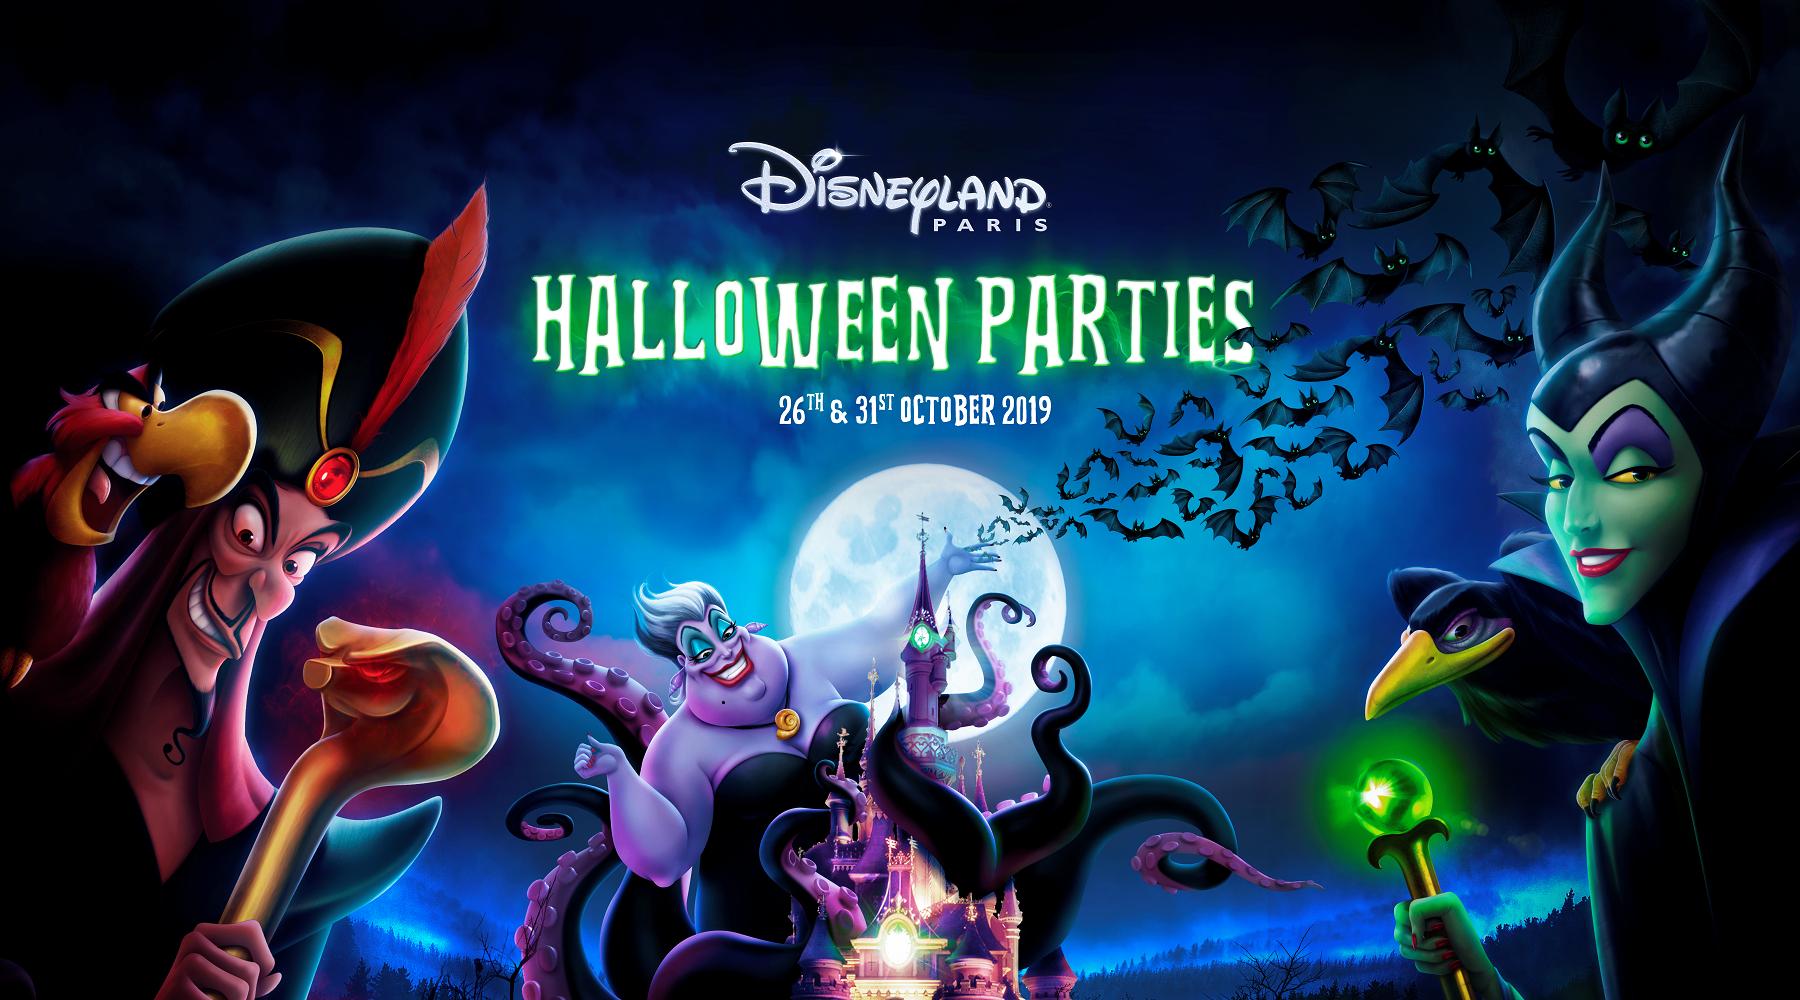 Halloween parties 2019